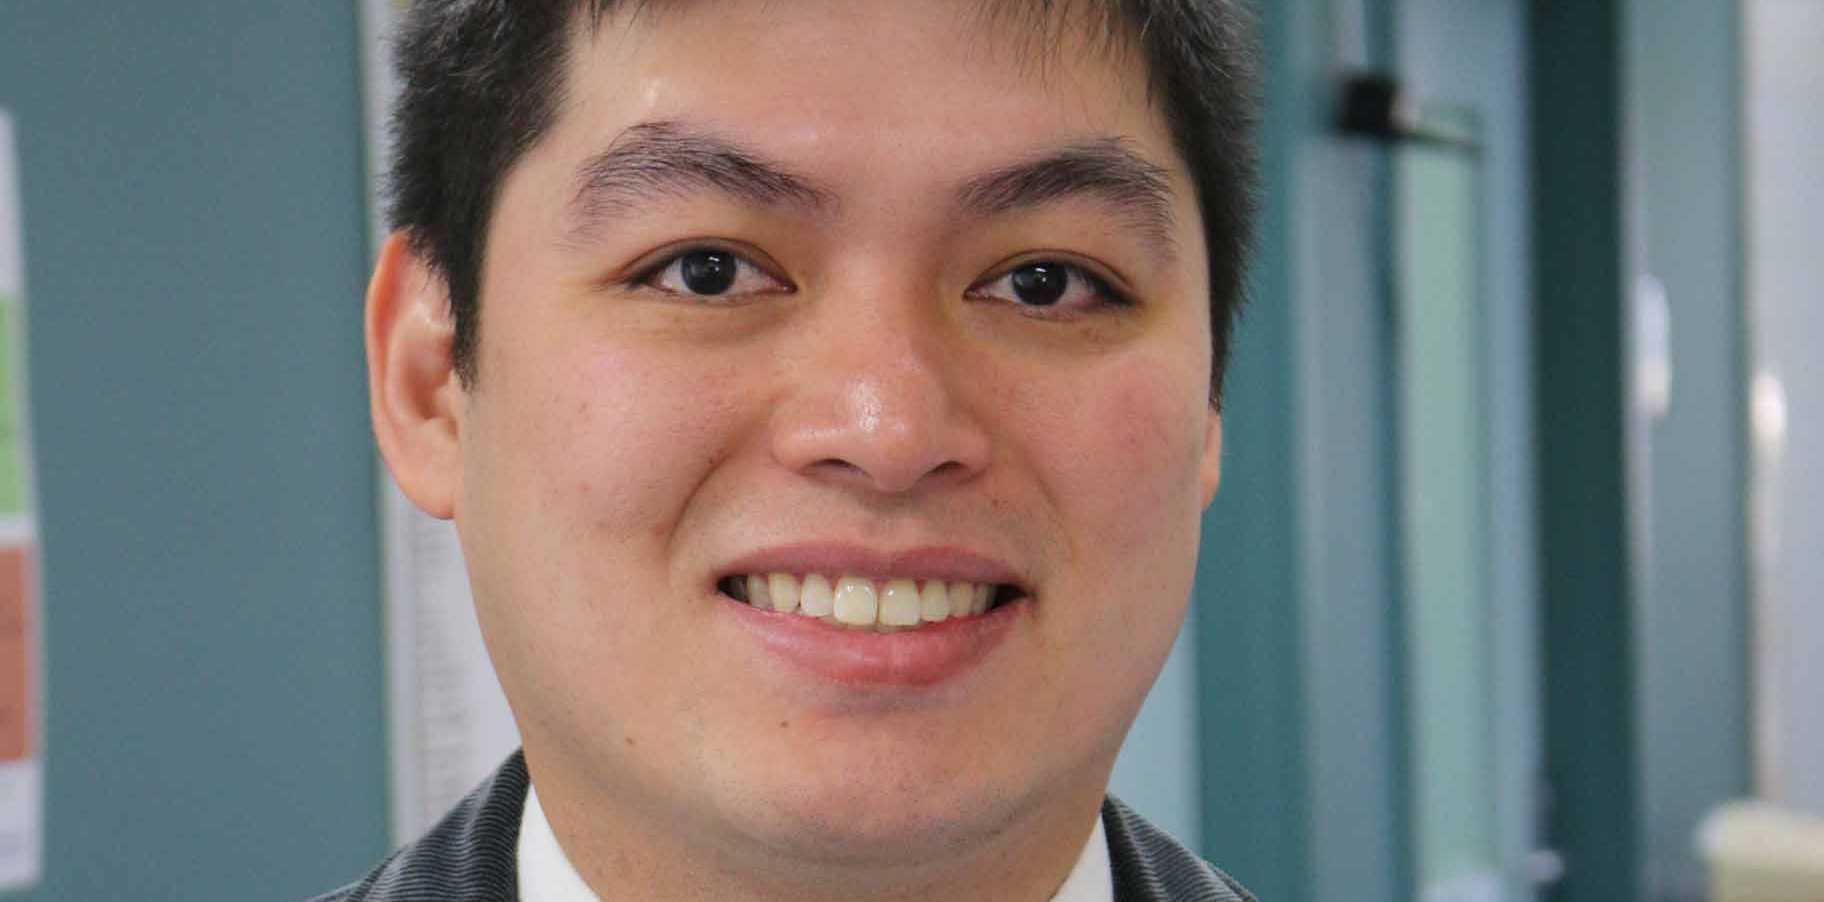 Neurologist Dr Ronald Siu has joined Toowoomba Hospital.